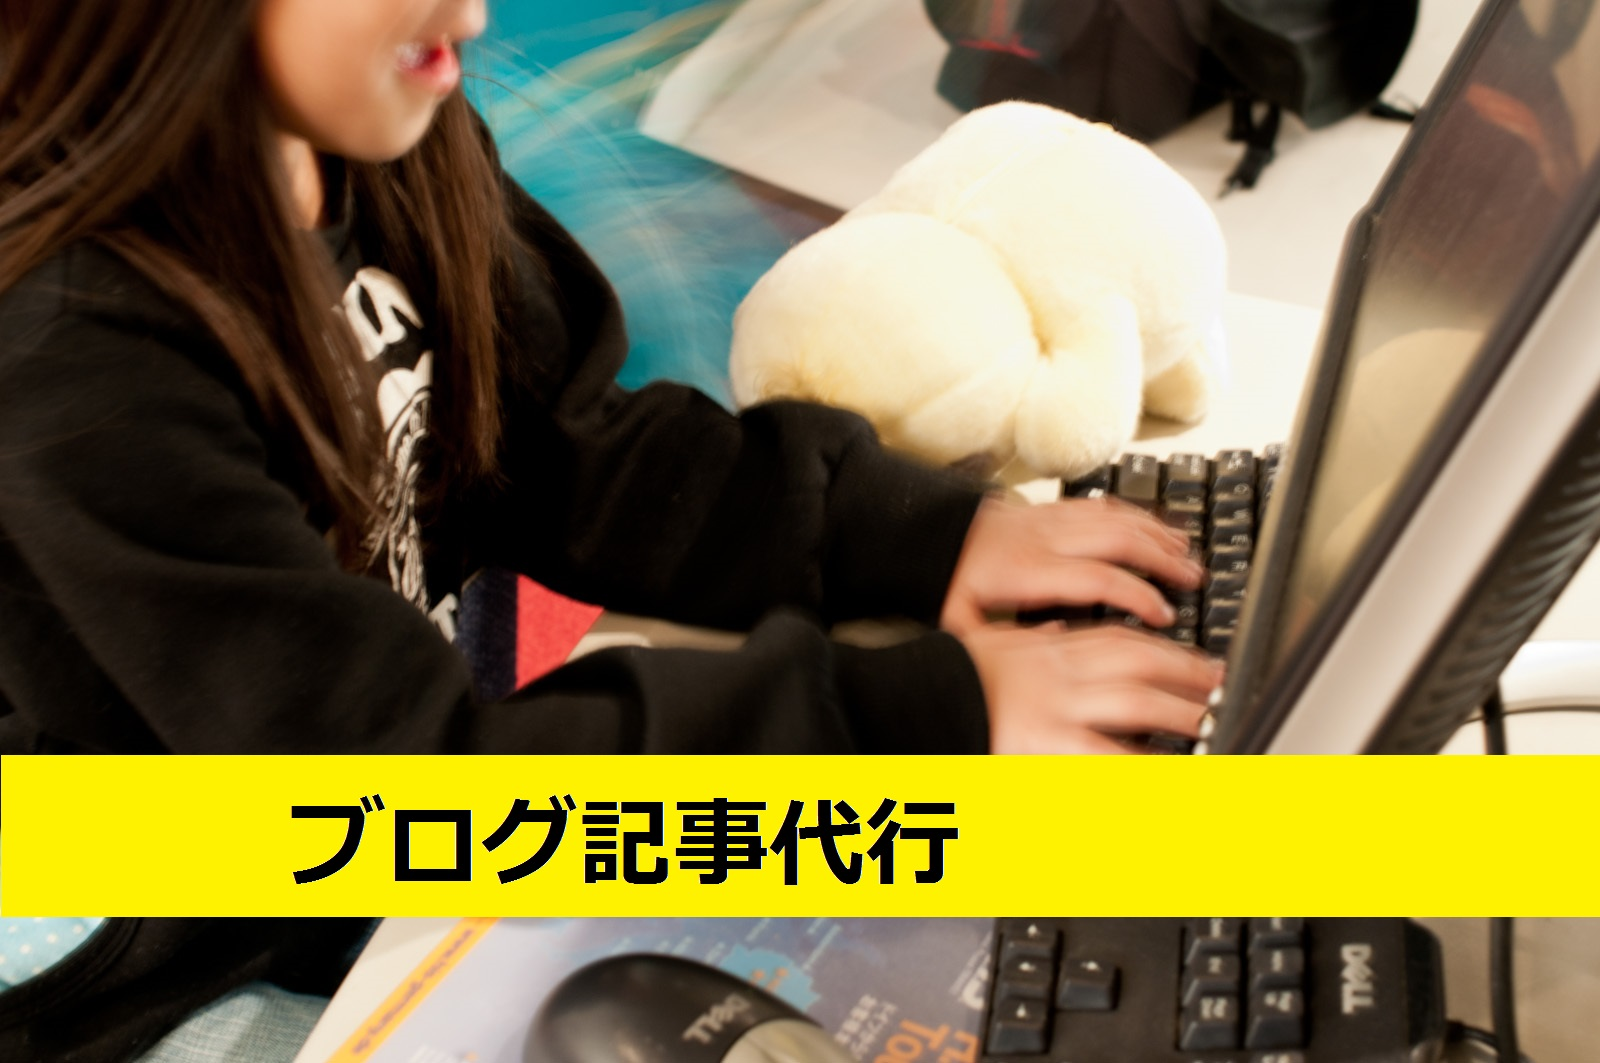 ブログ記事代行